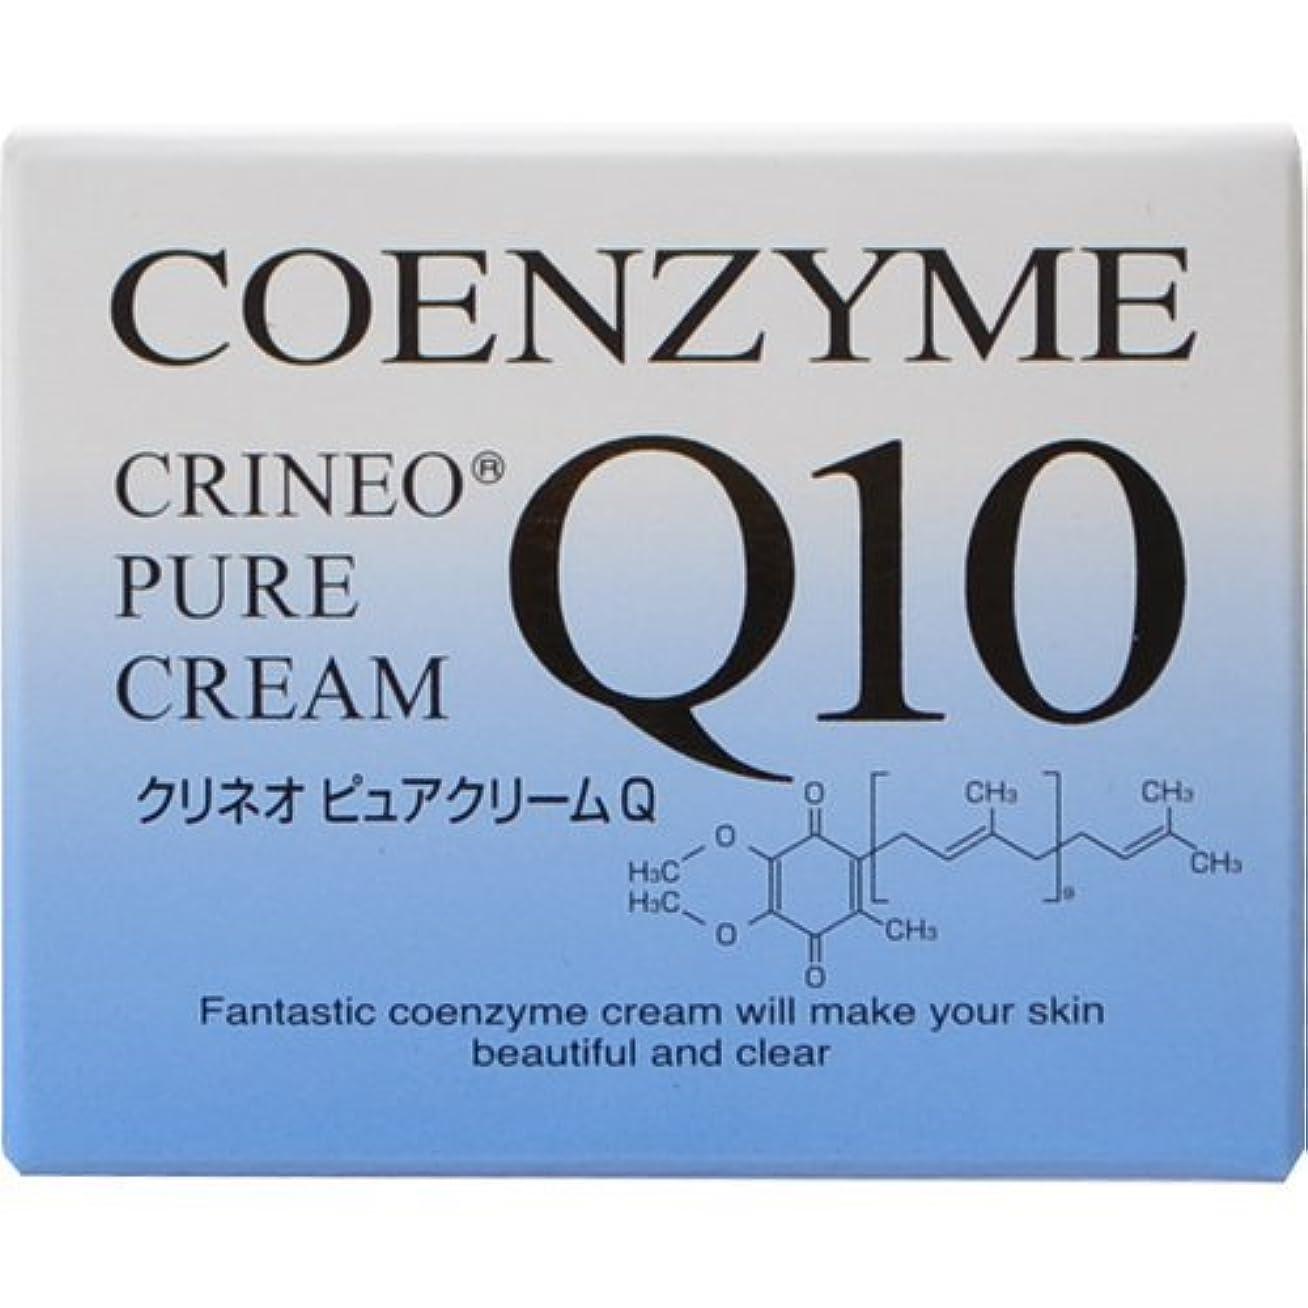 ゲーム奇跡獣クリネオ ピュアクリームQ コエンザイムQ10を配合した浸透型の保湿クリーム